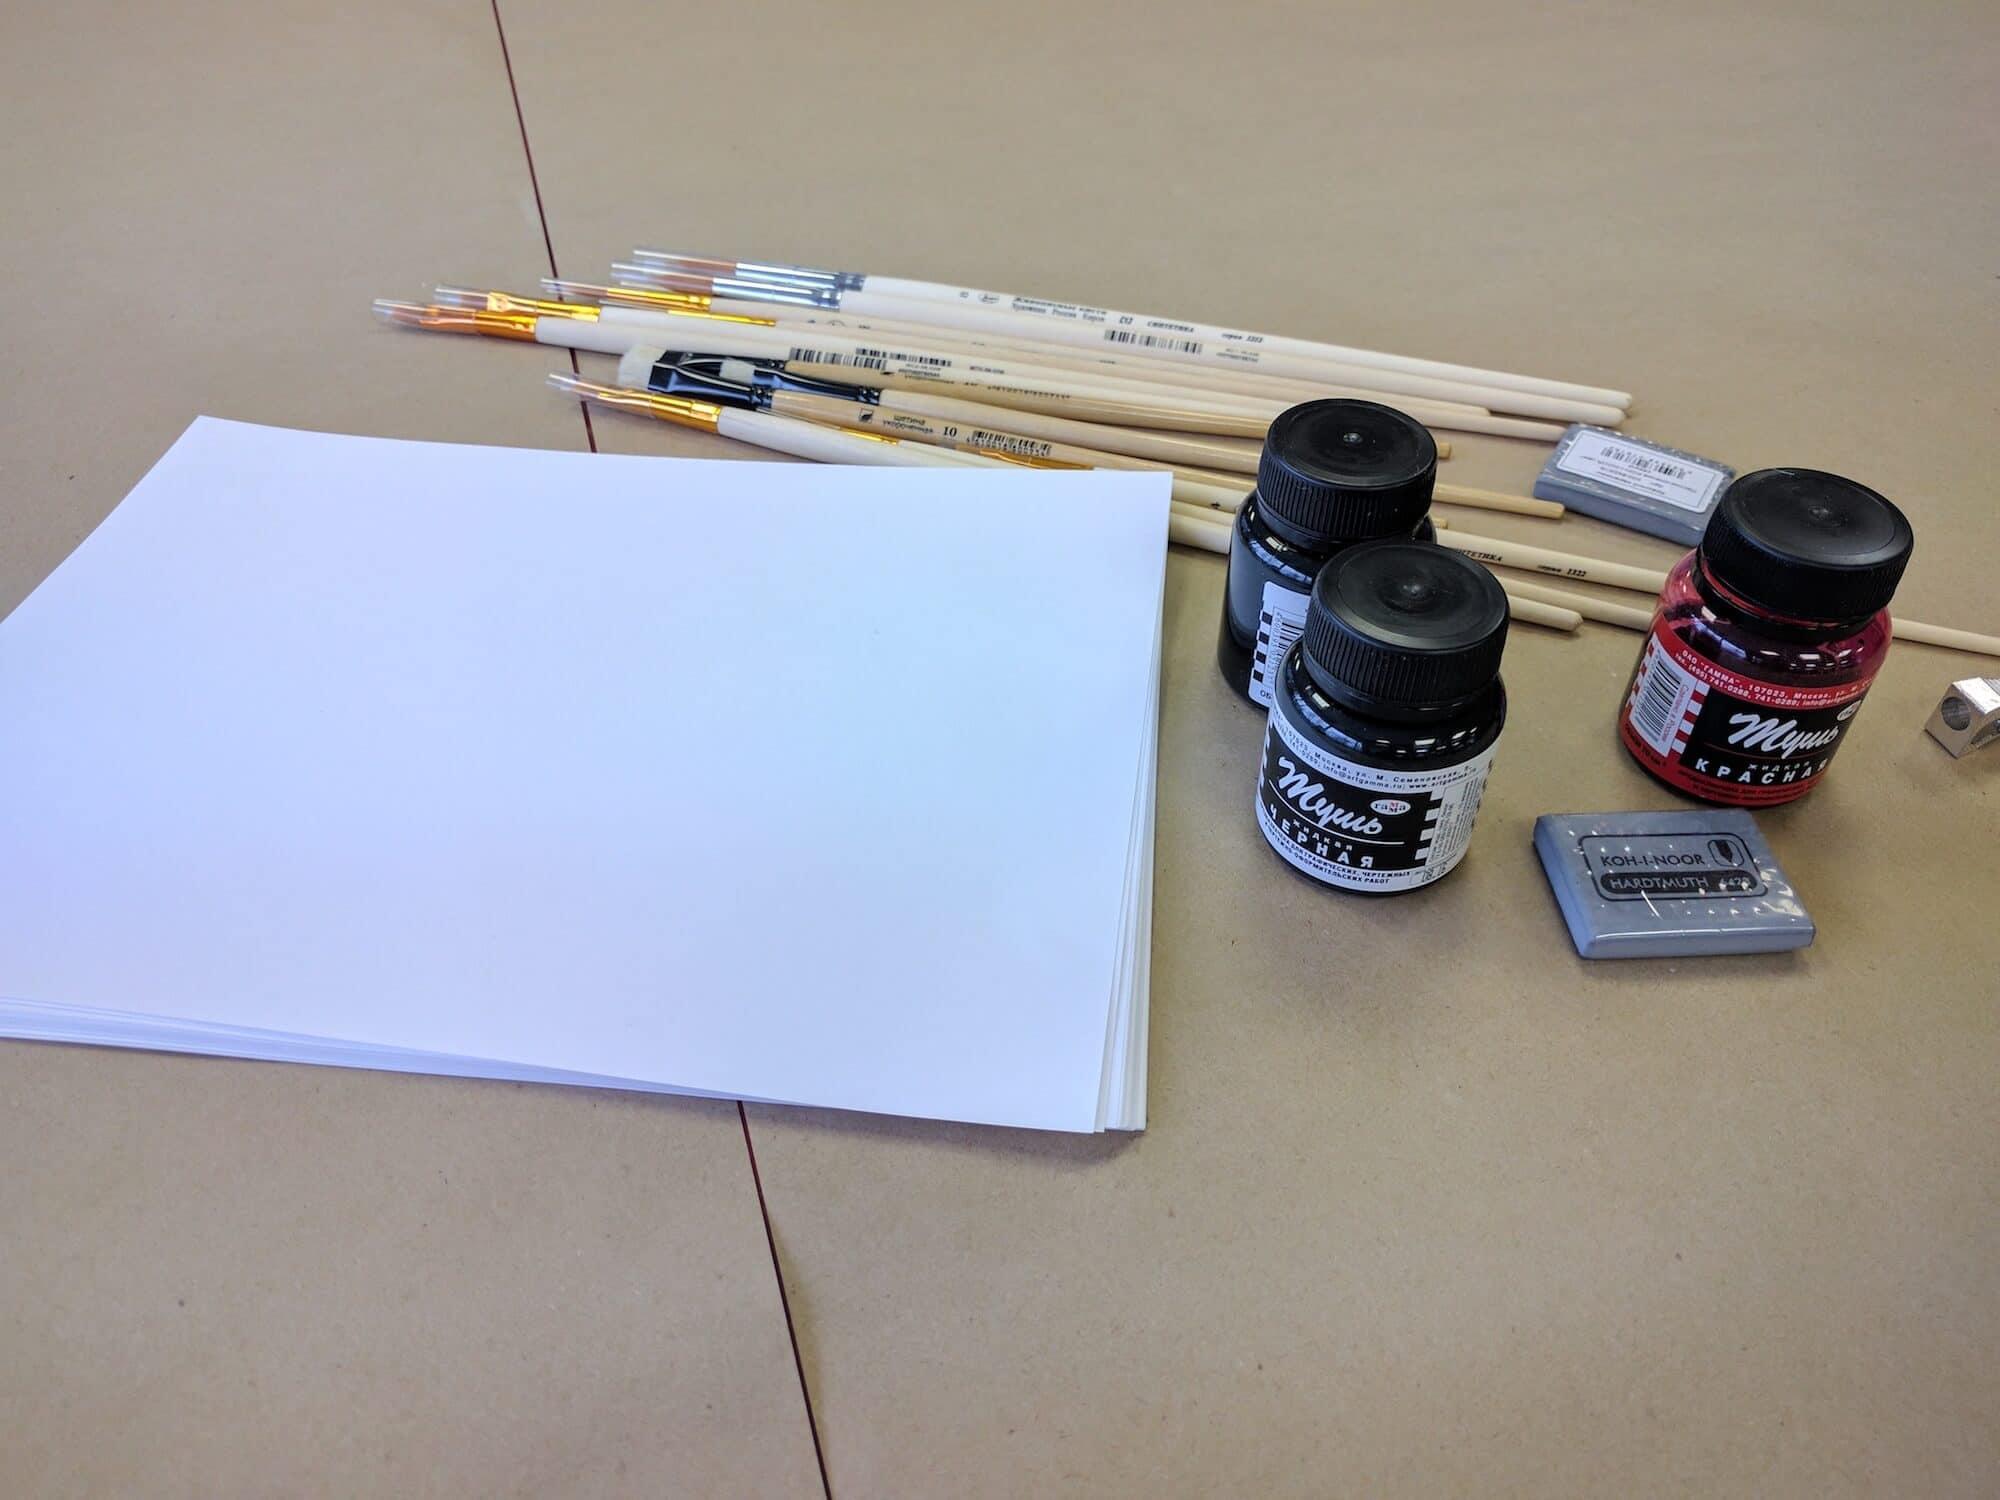 Инструменты: тушь, бумага и кисточки. Остальное осталось за кадром.